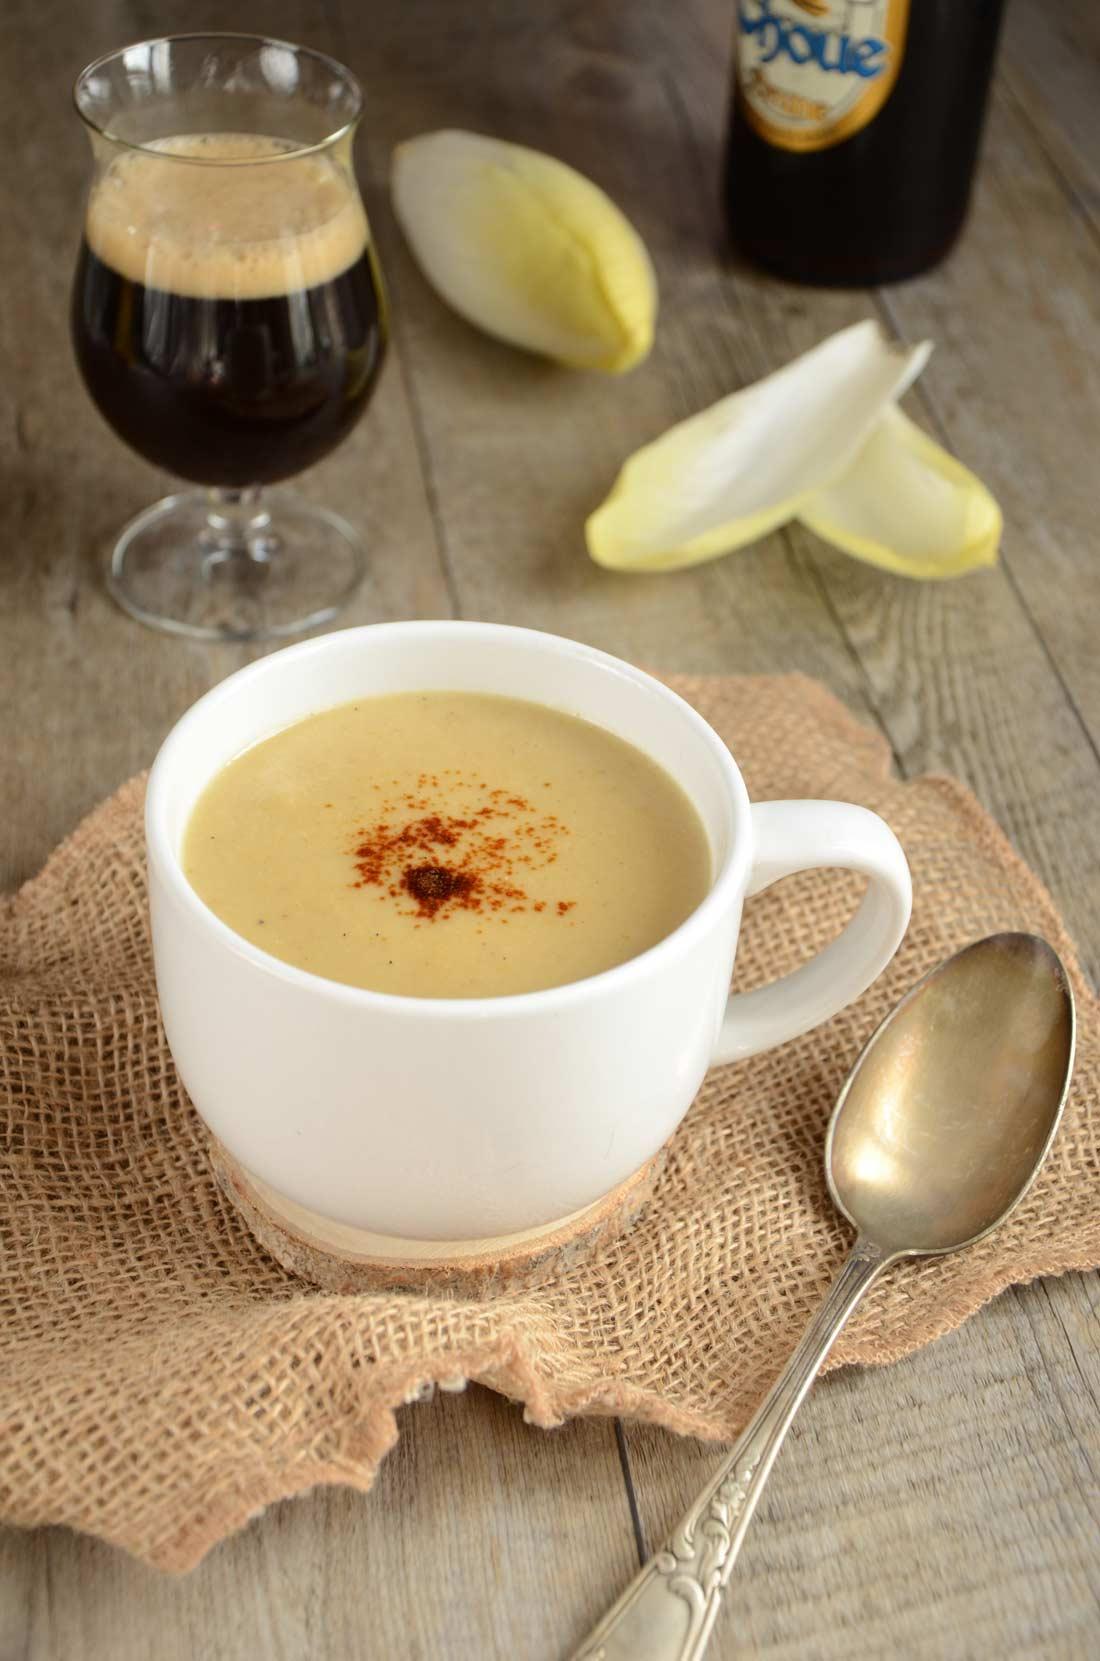 Soupe d'endives à la chicorée, une excellente façon de se régaler